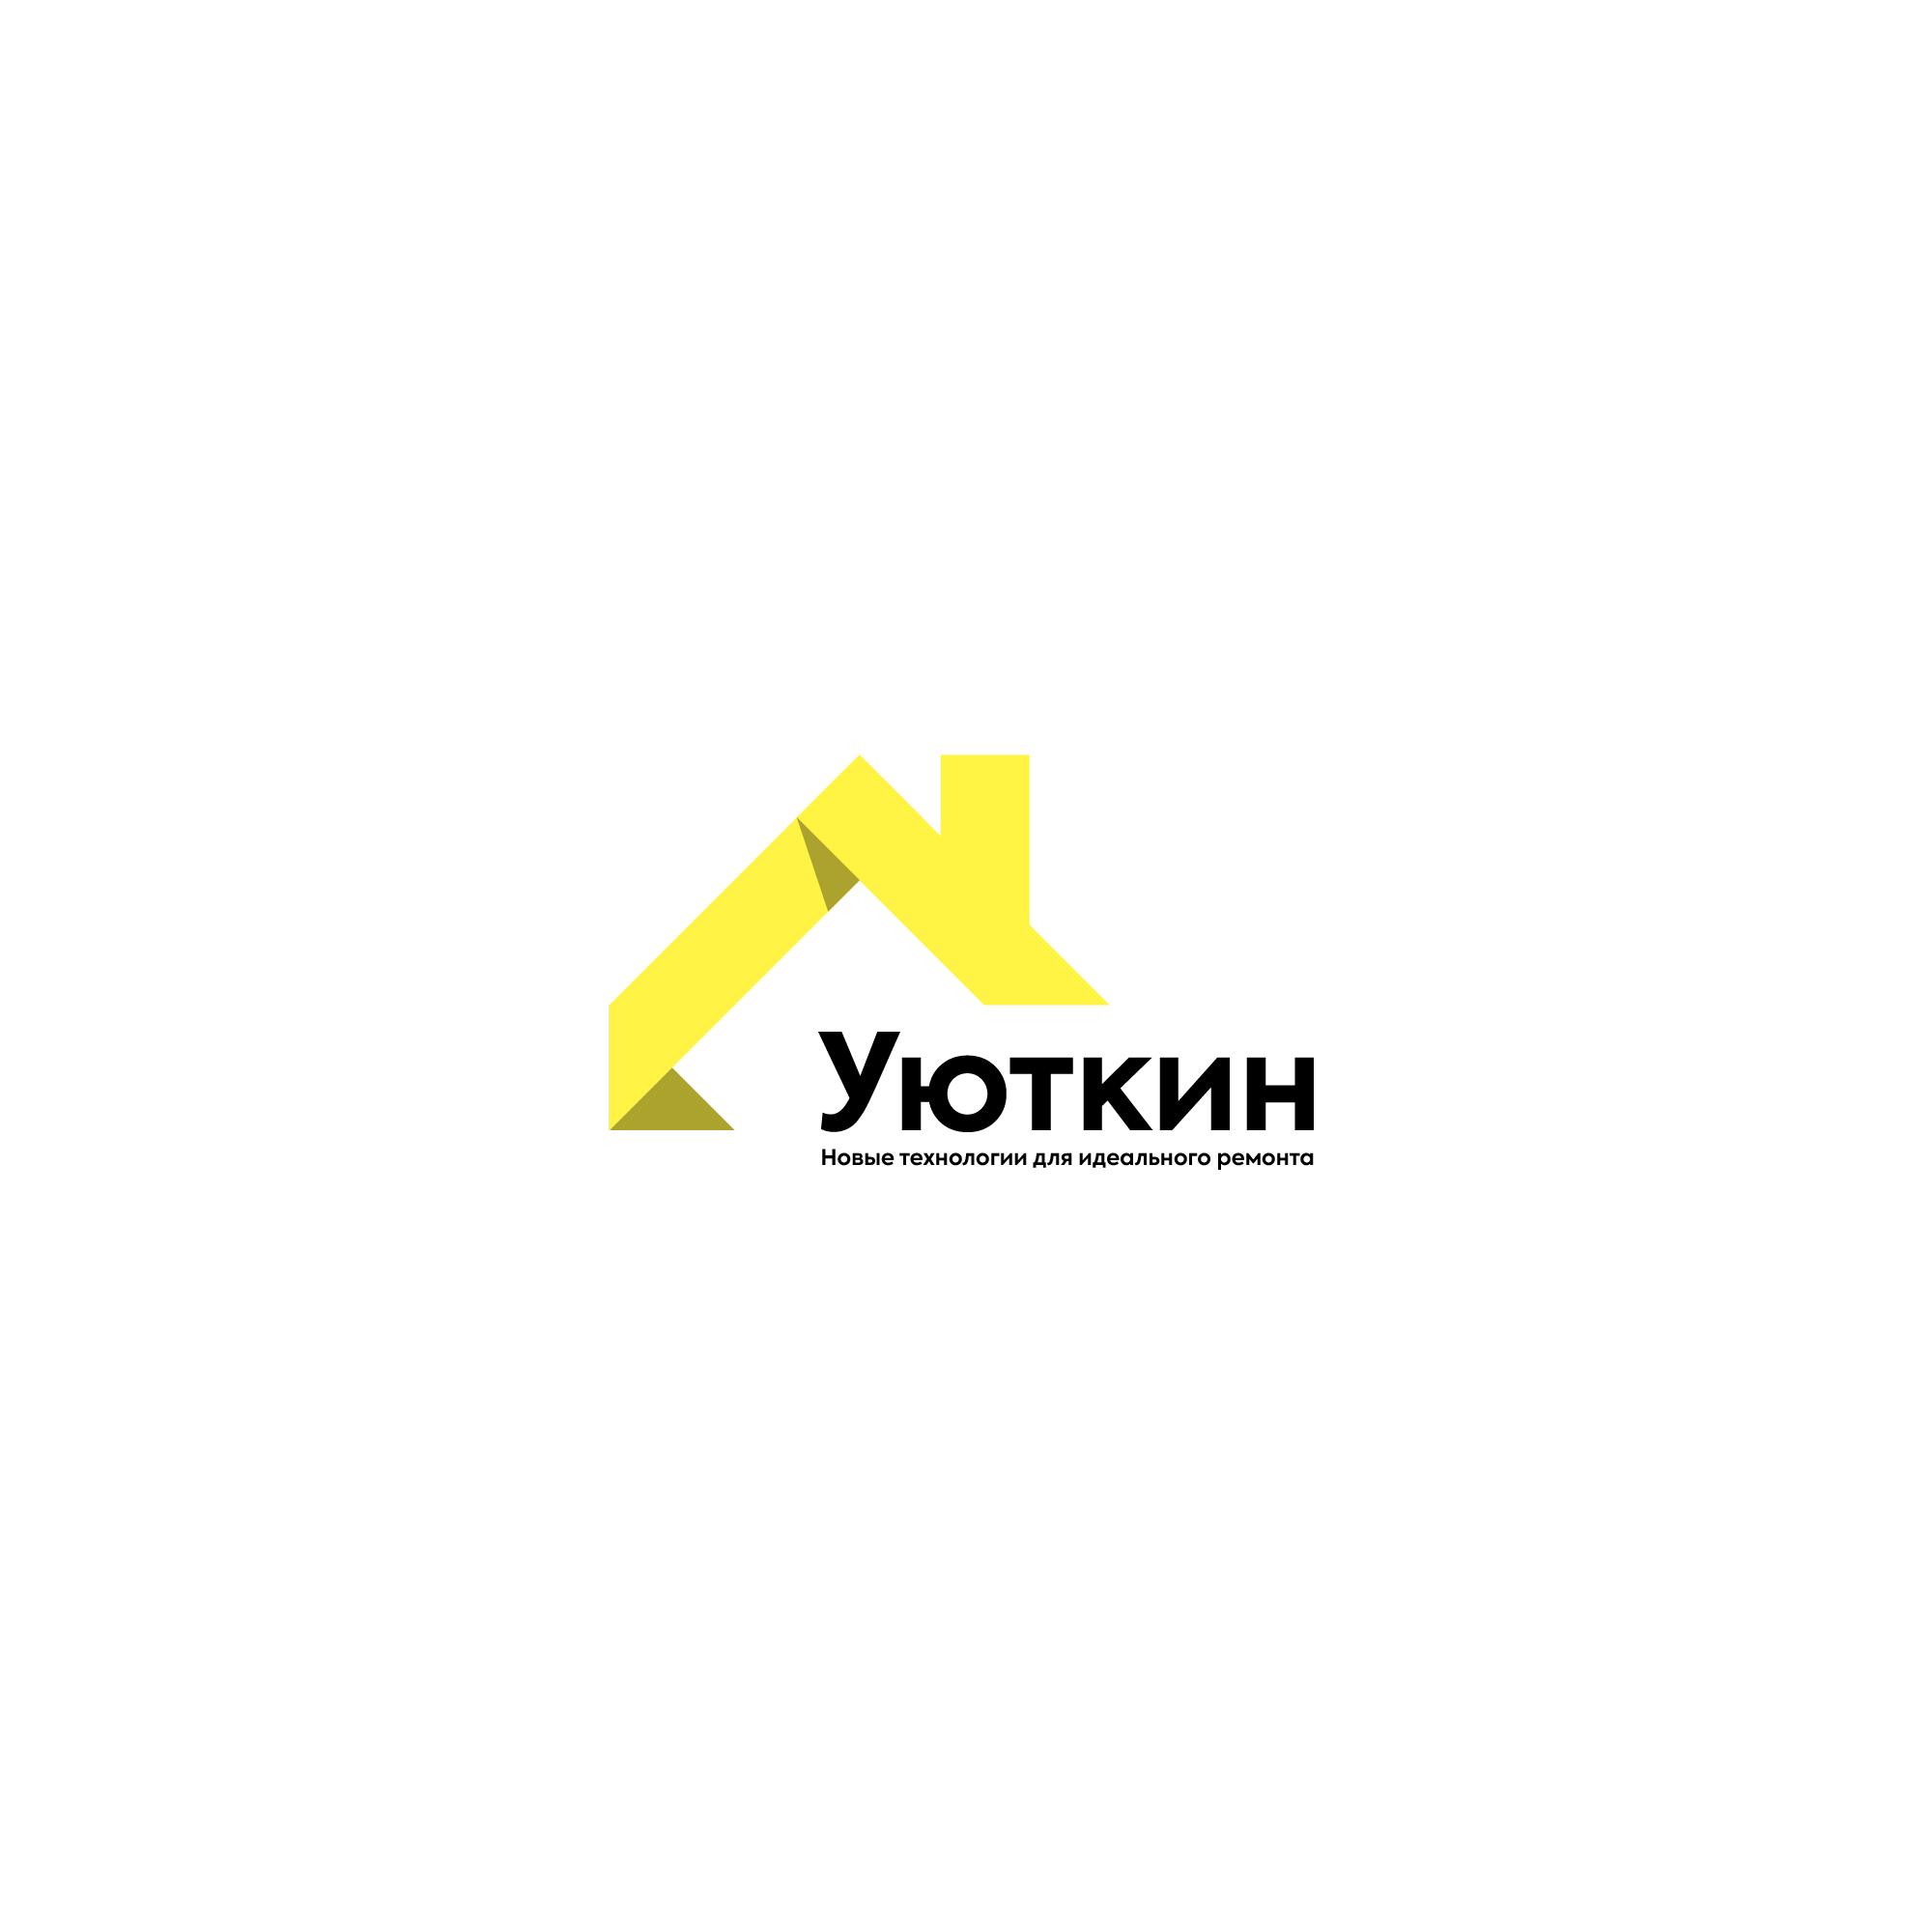 Создание логотипа и стиля сайта фото f_9205c64186c6fe55.png